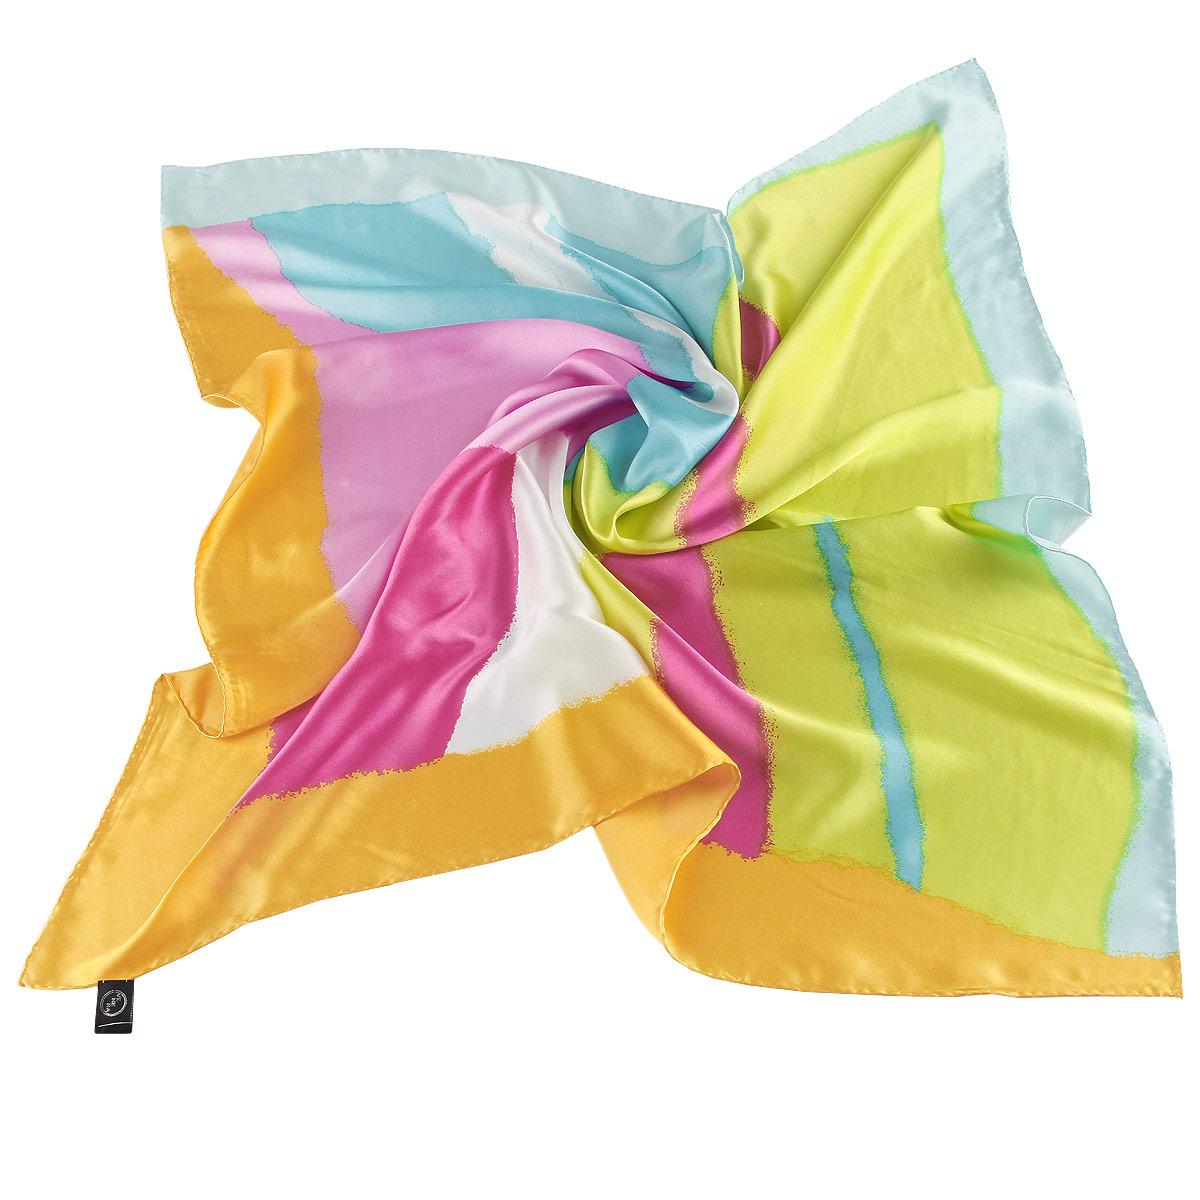 Платок женский Venera, цвет: розовый, желтый, голубой. 1802029-10. Размер 90 см х 90 см1802029-10 ПлатокЯркий платок Venera подчеркнет ваш неповторимый образ. Изделие выполнено из натурального шелка и оформлено абстрактным принтом. Края платка обработаны вручную. Этот модный аксессуар женского гардероба гармонично дополнит образ современной женщины, следящей за своим имиджем и стремящейся всегда оставаться стильной и элегантной.